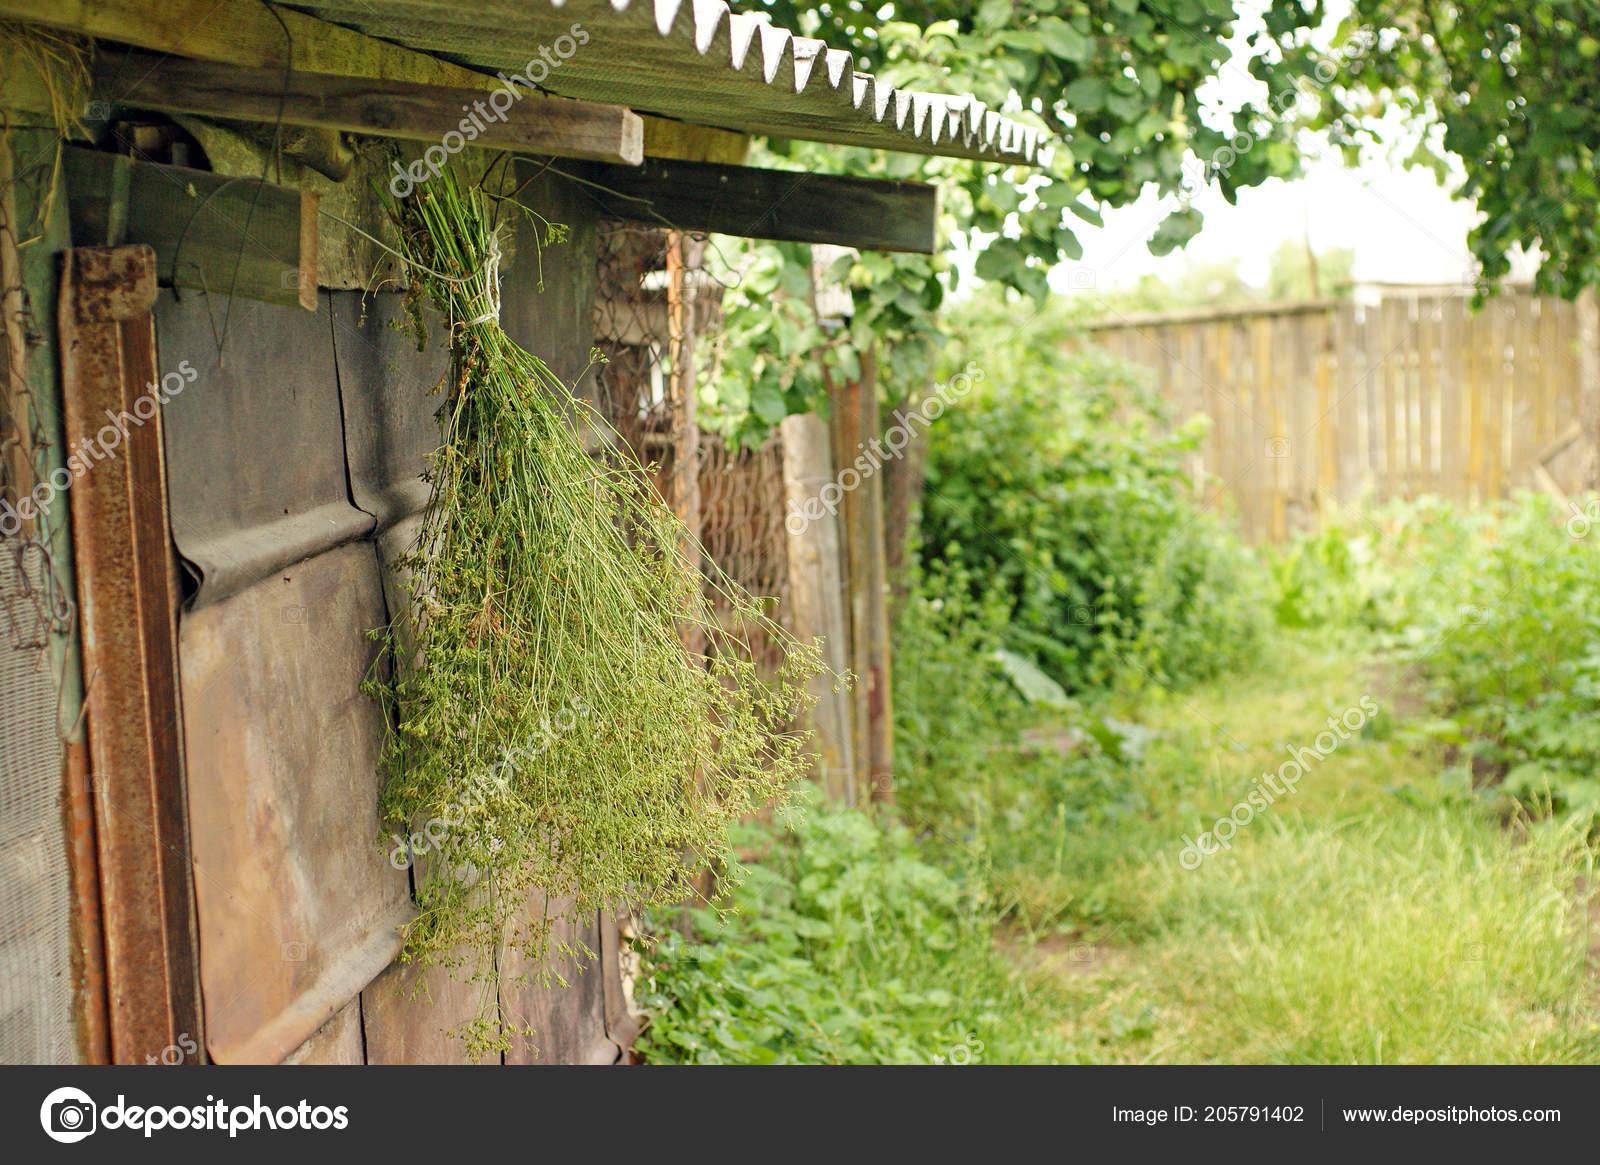 Manojo Hierbas Planta Secado Colgando Bajo Techo Del Granero Rustico